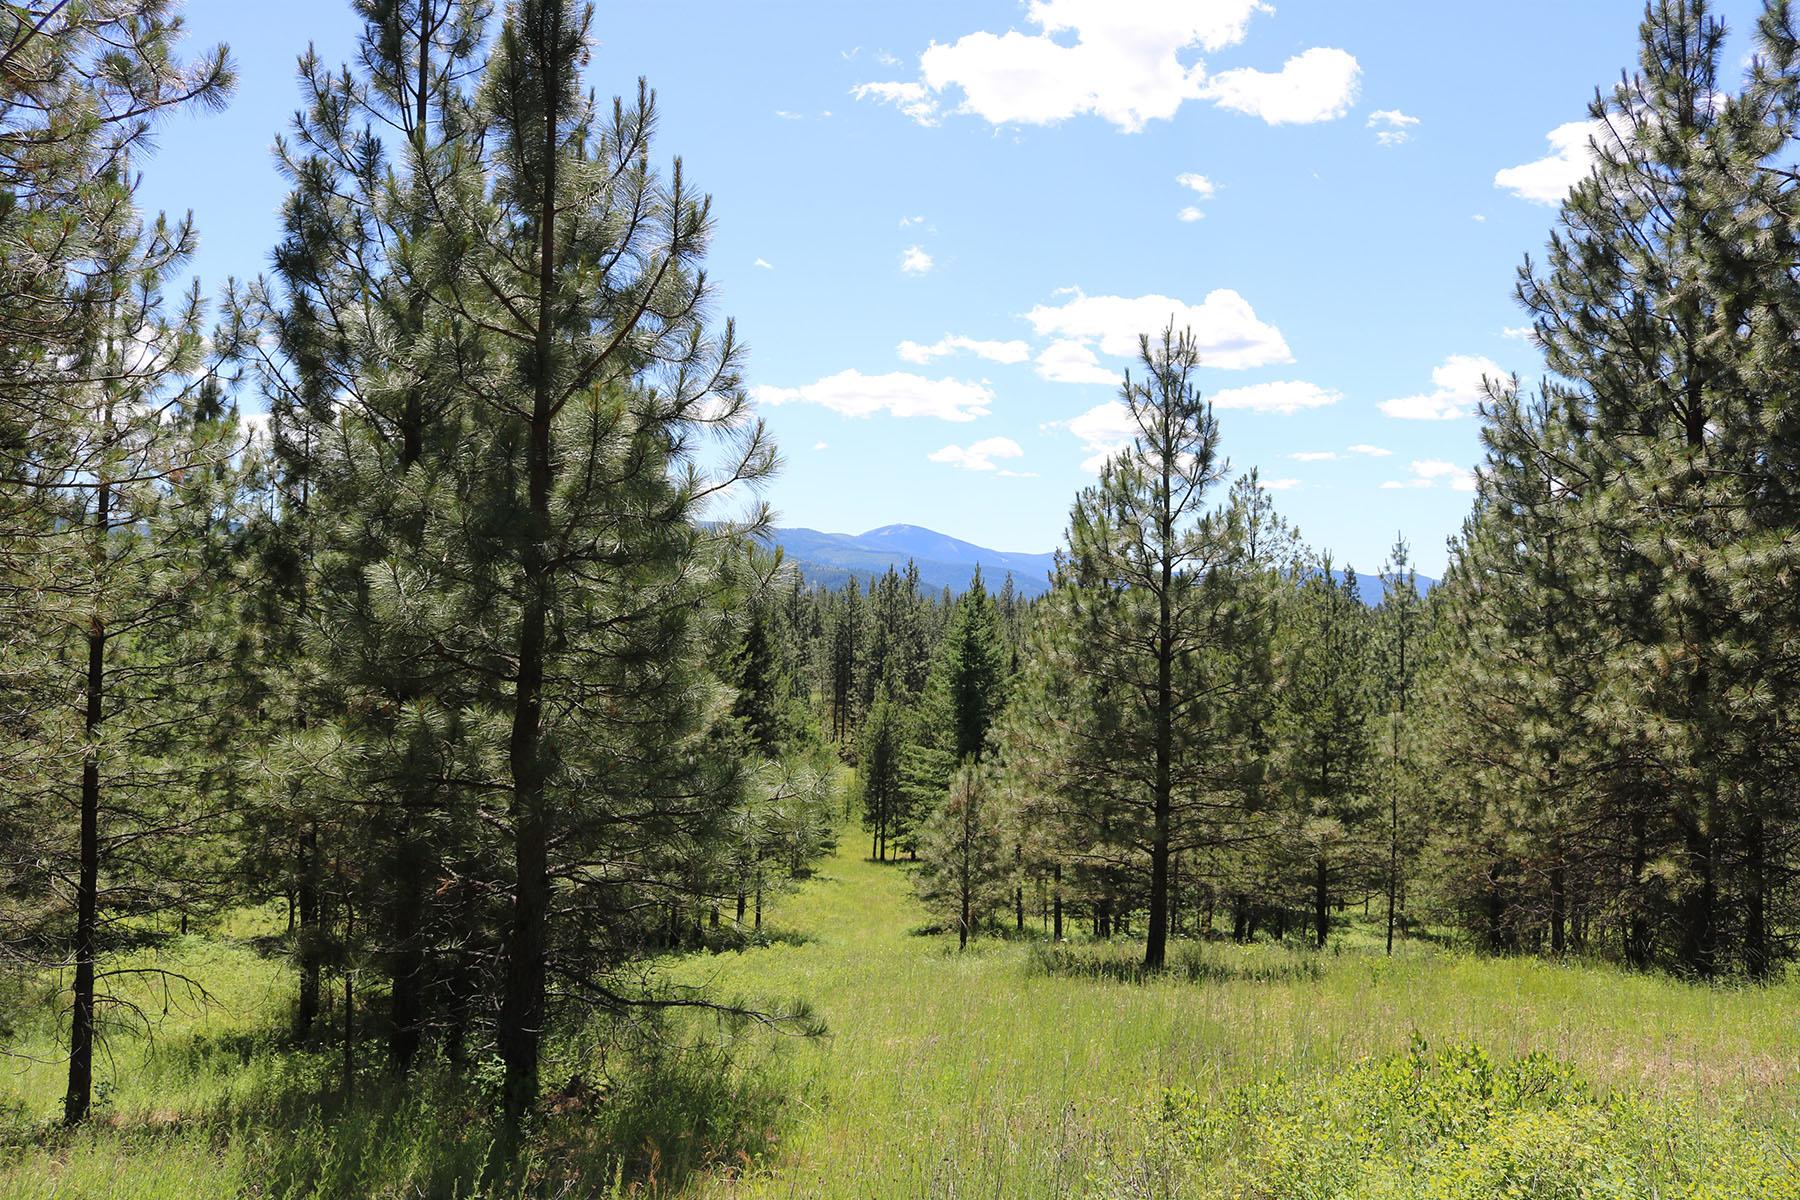 Terreno por un Venta en Spectacular views from this 10 acre heavily wooded parcel NNA Rogstad Powerline Rd Blanchard, Idaho, 83804 Estados Unidos